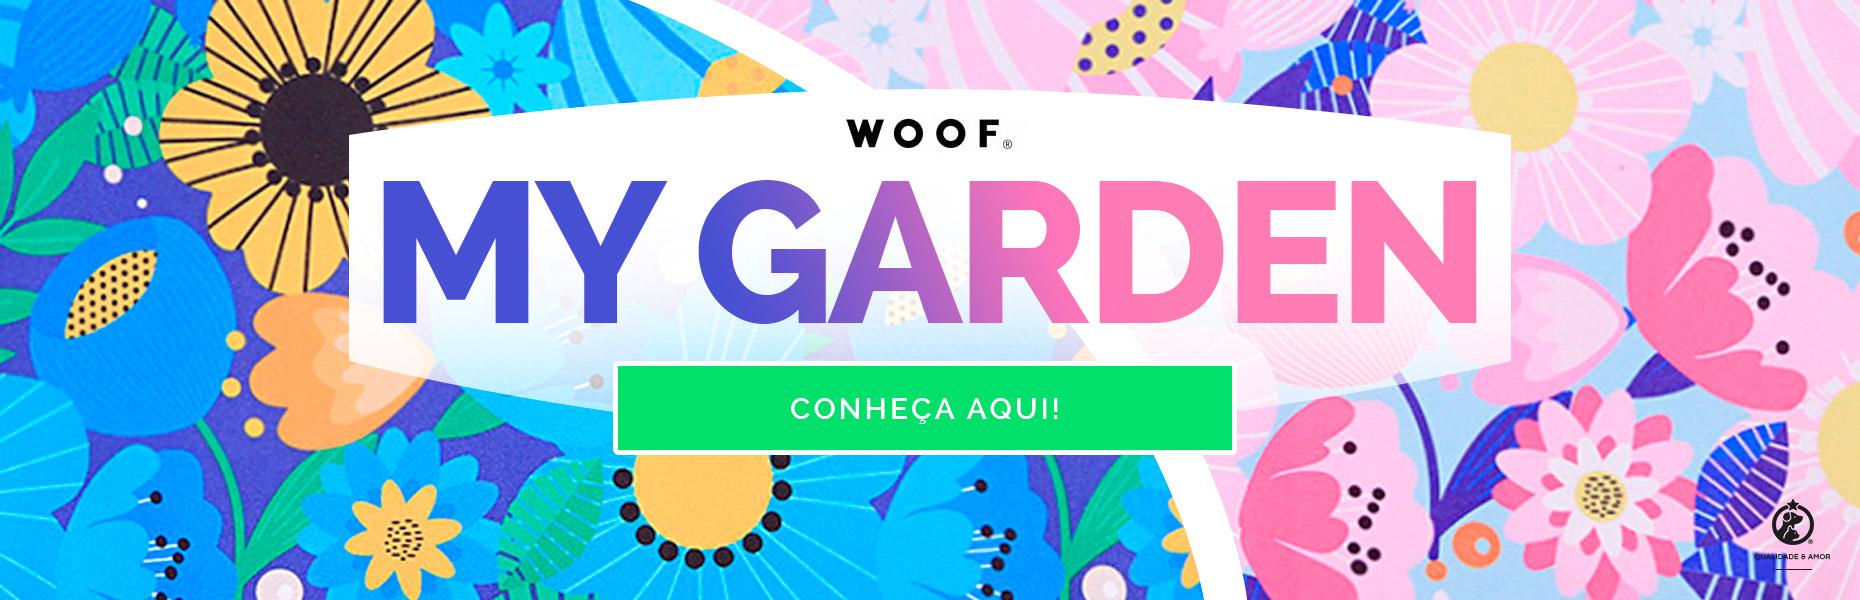 Nova Coleção WOOF CLASSIC: My Garden